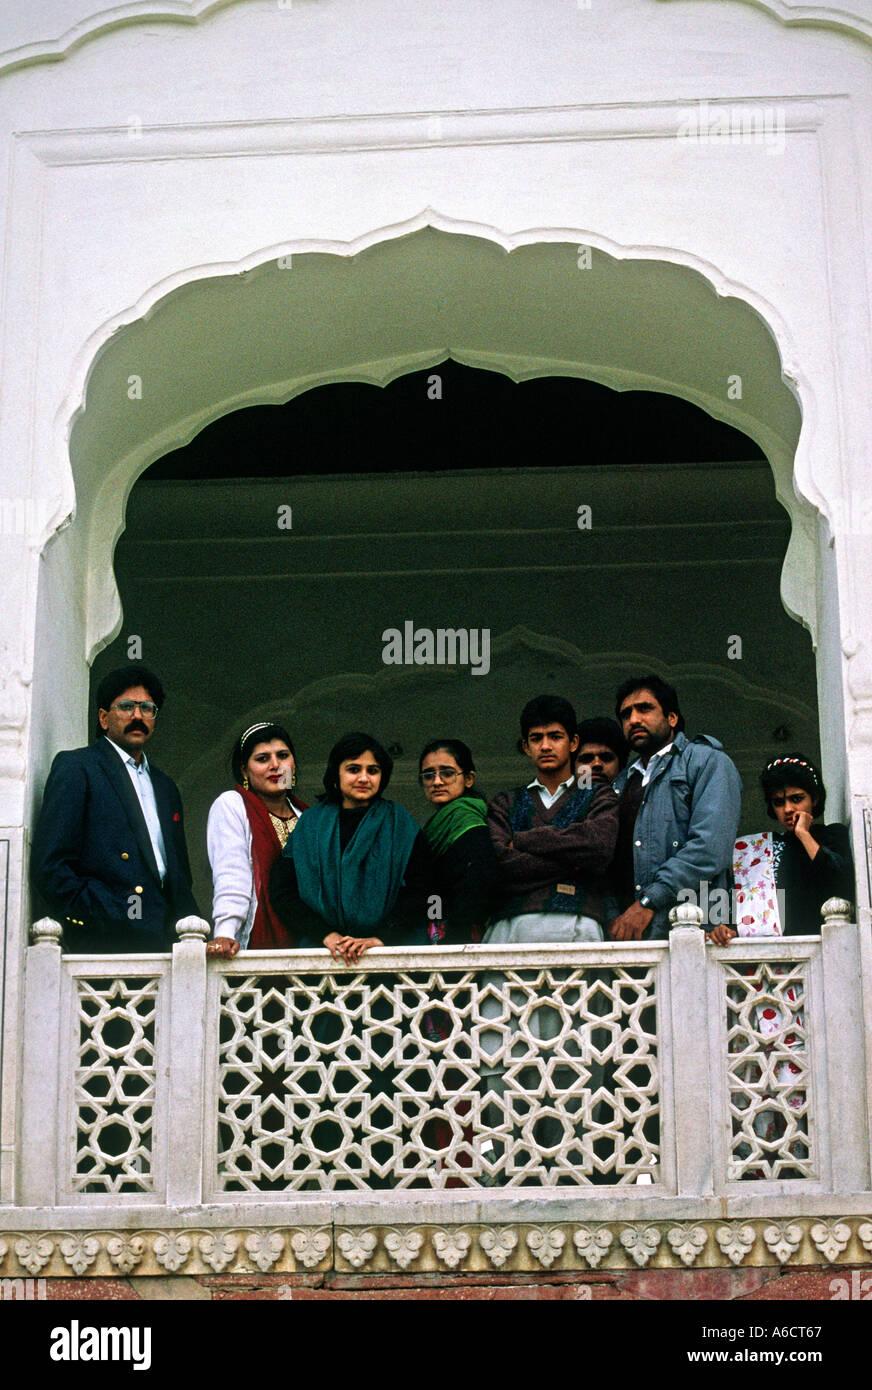 Pakistan Punjab Lahore Shalimar Gardens visitors on stone balcony - Stock Image